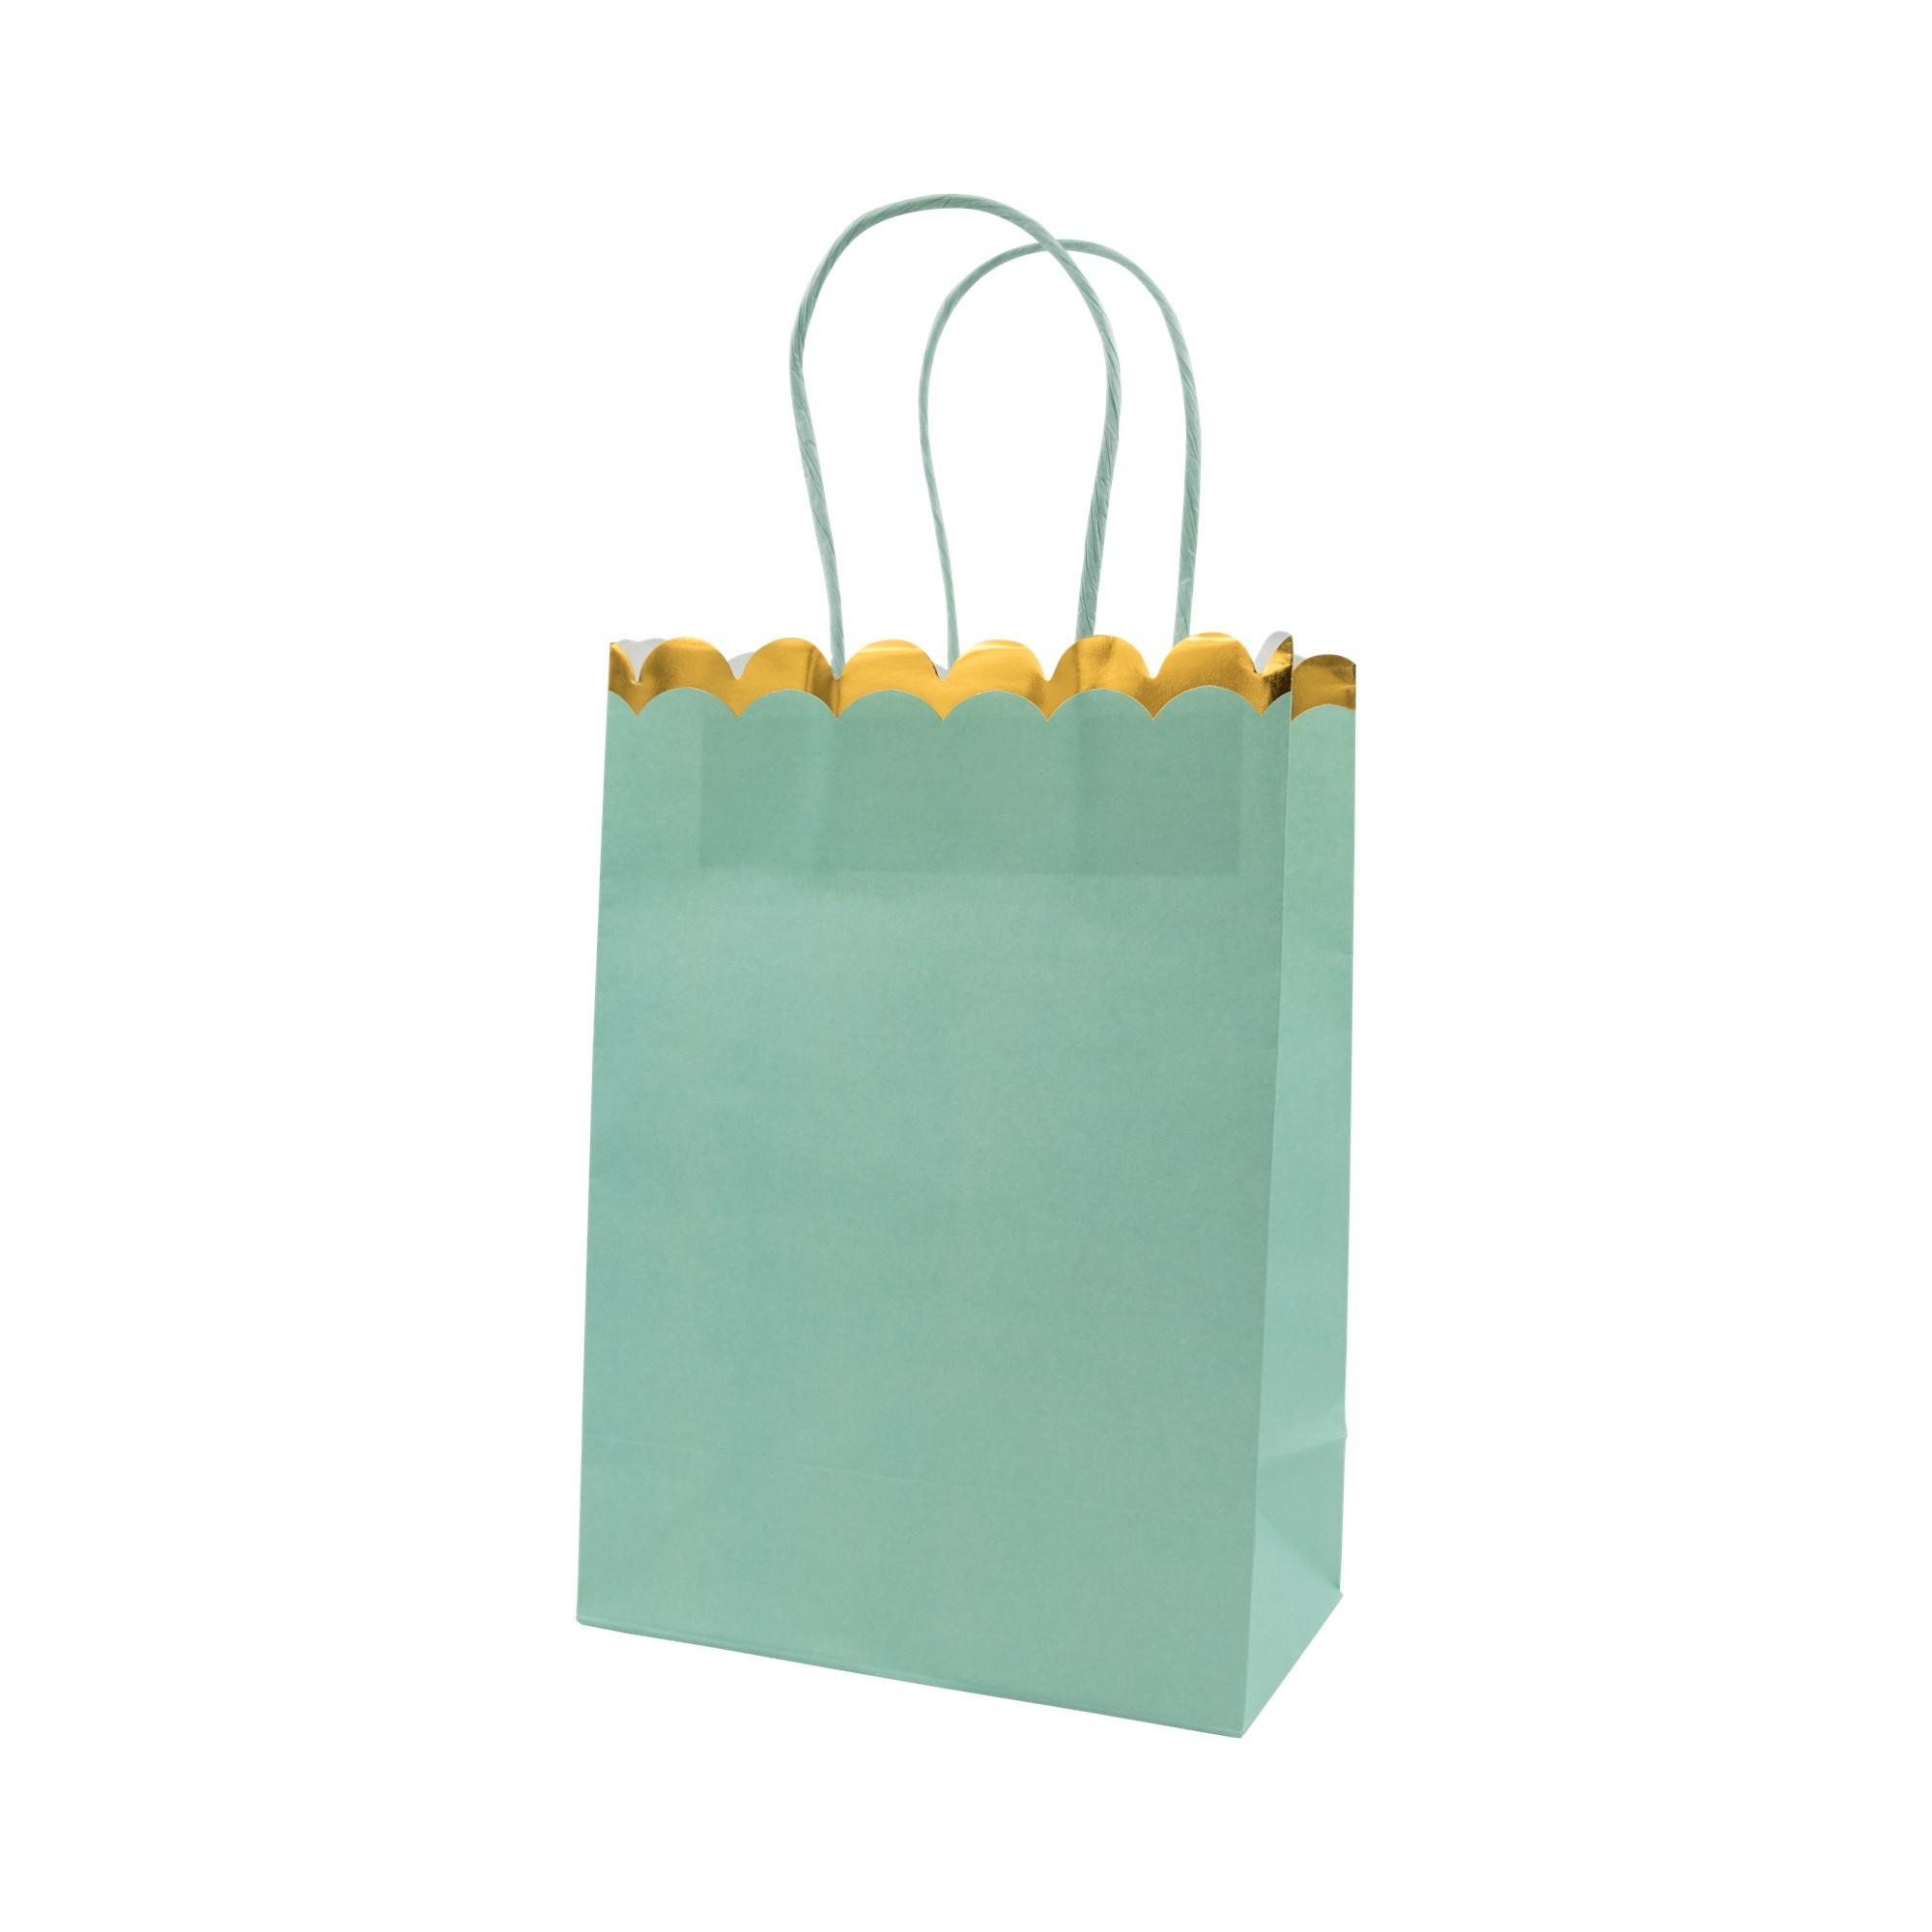 שקית, שקיות, מארז, משלוח מנות, מתנה, מתנות, שקיות יום הולדת, שקיות יום הולדת, פורים, יום הולדת